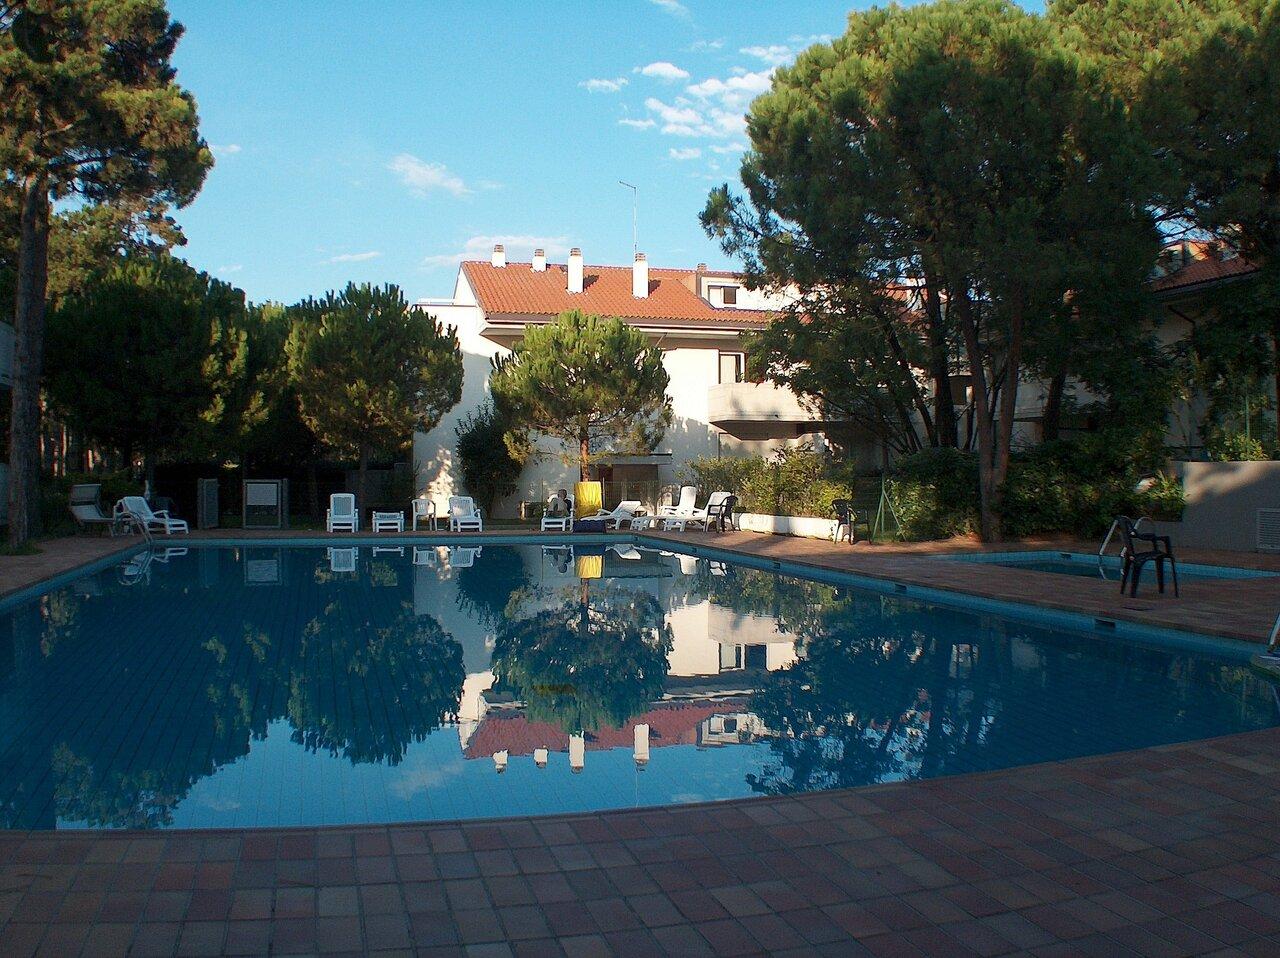 Villagio Parco Hemingway